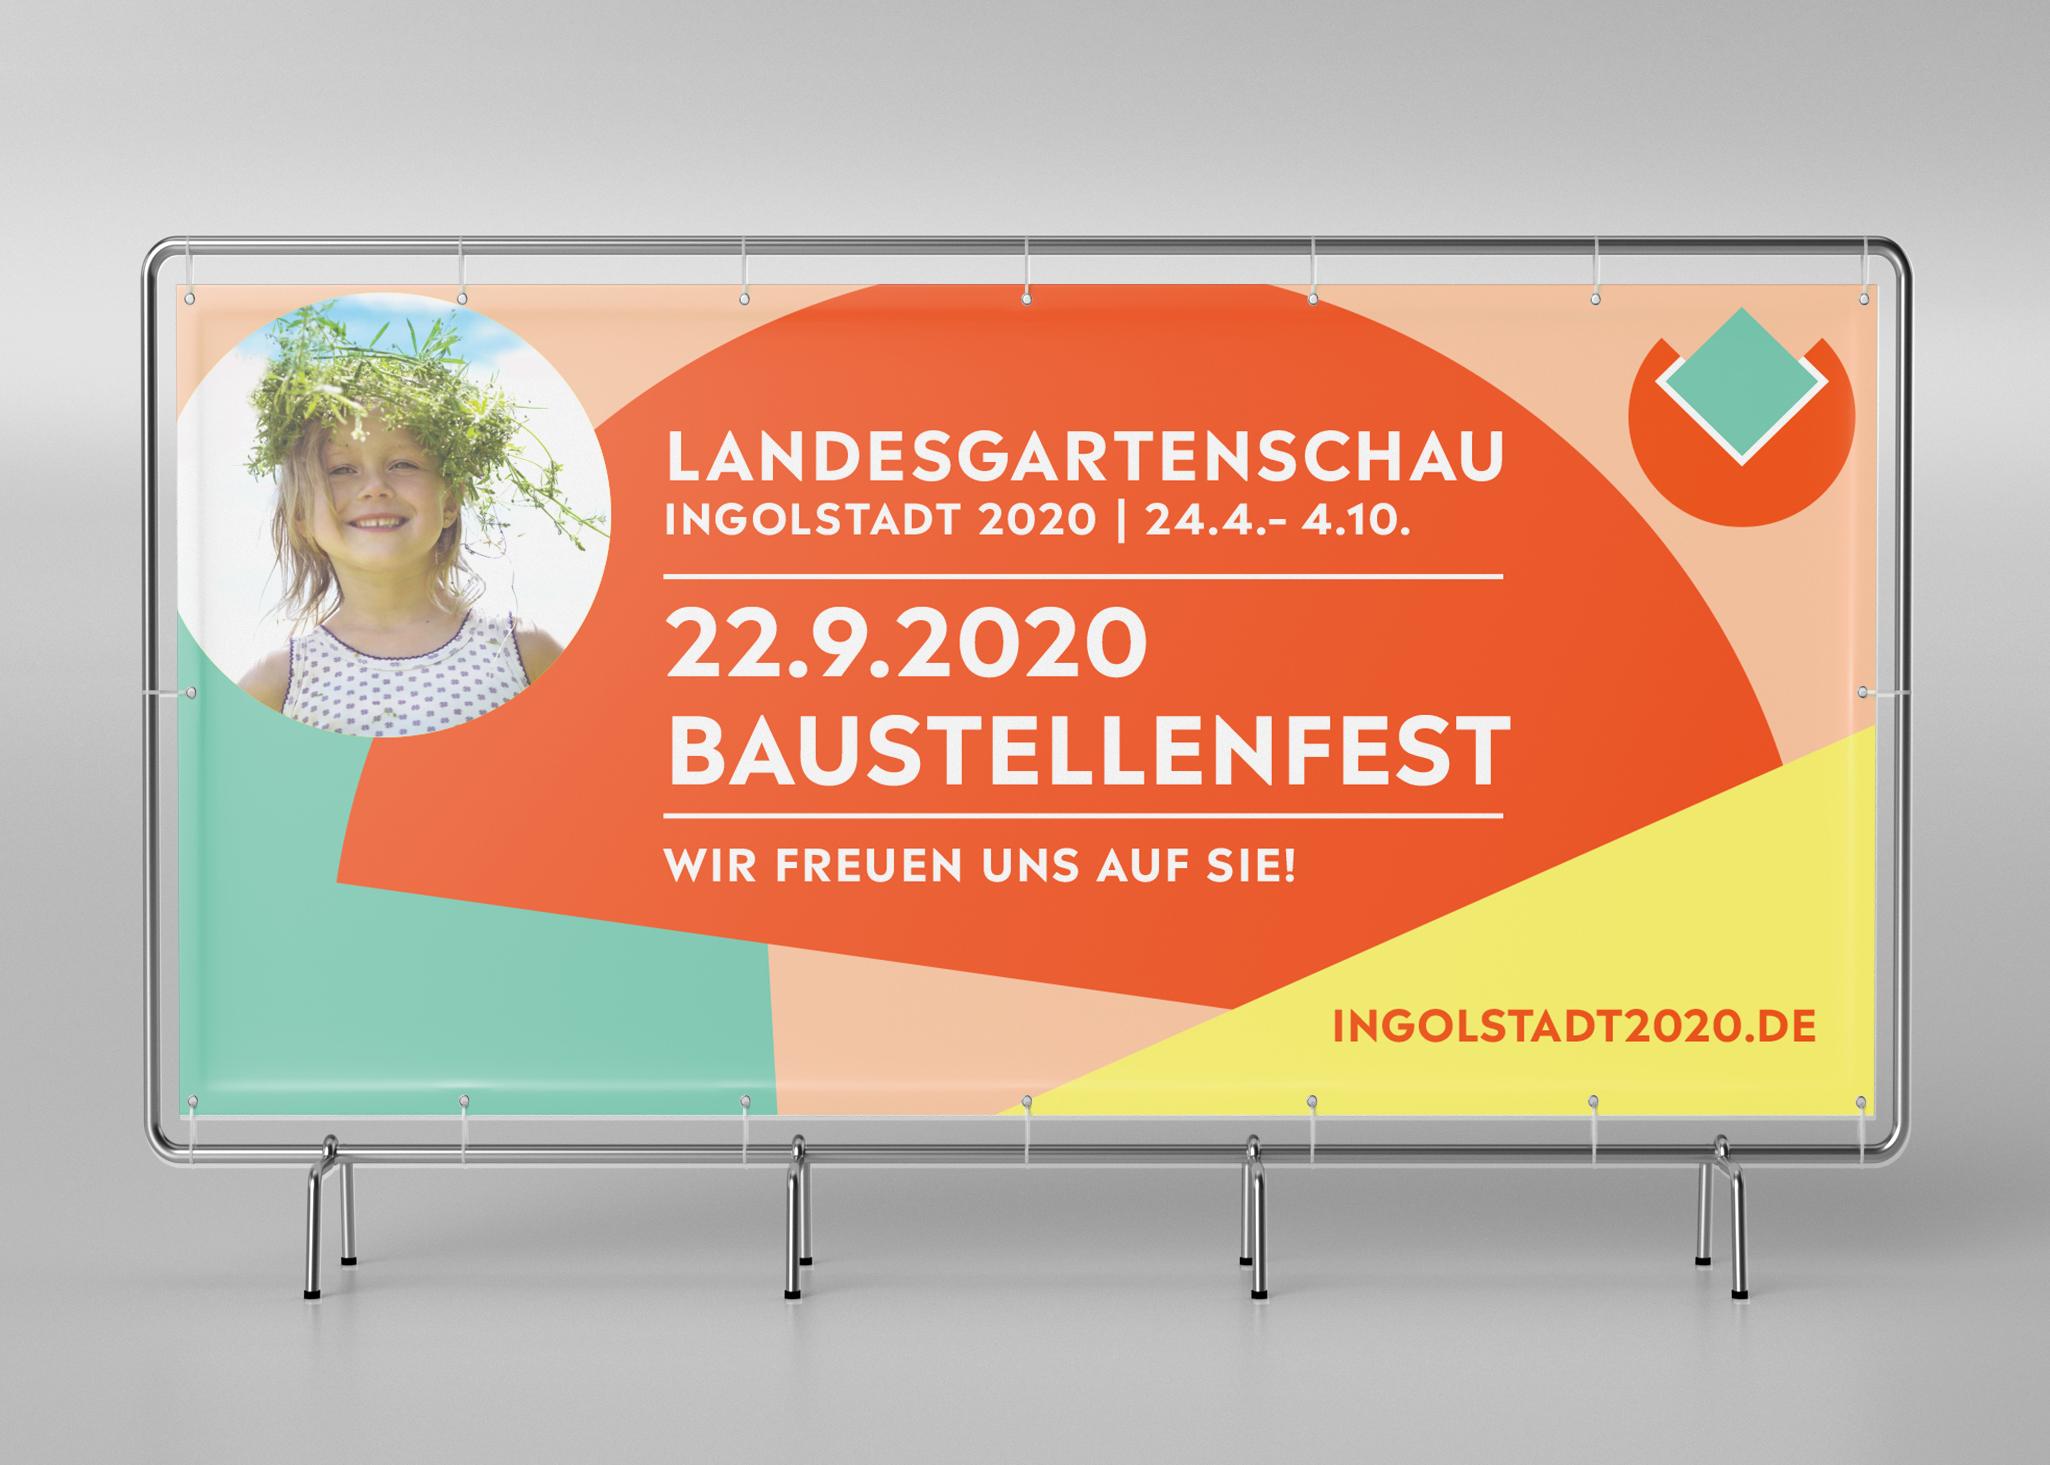 Banner_Baustellenfest_landesgartenschau_